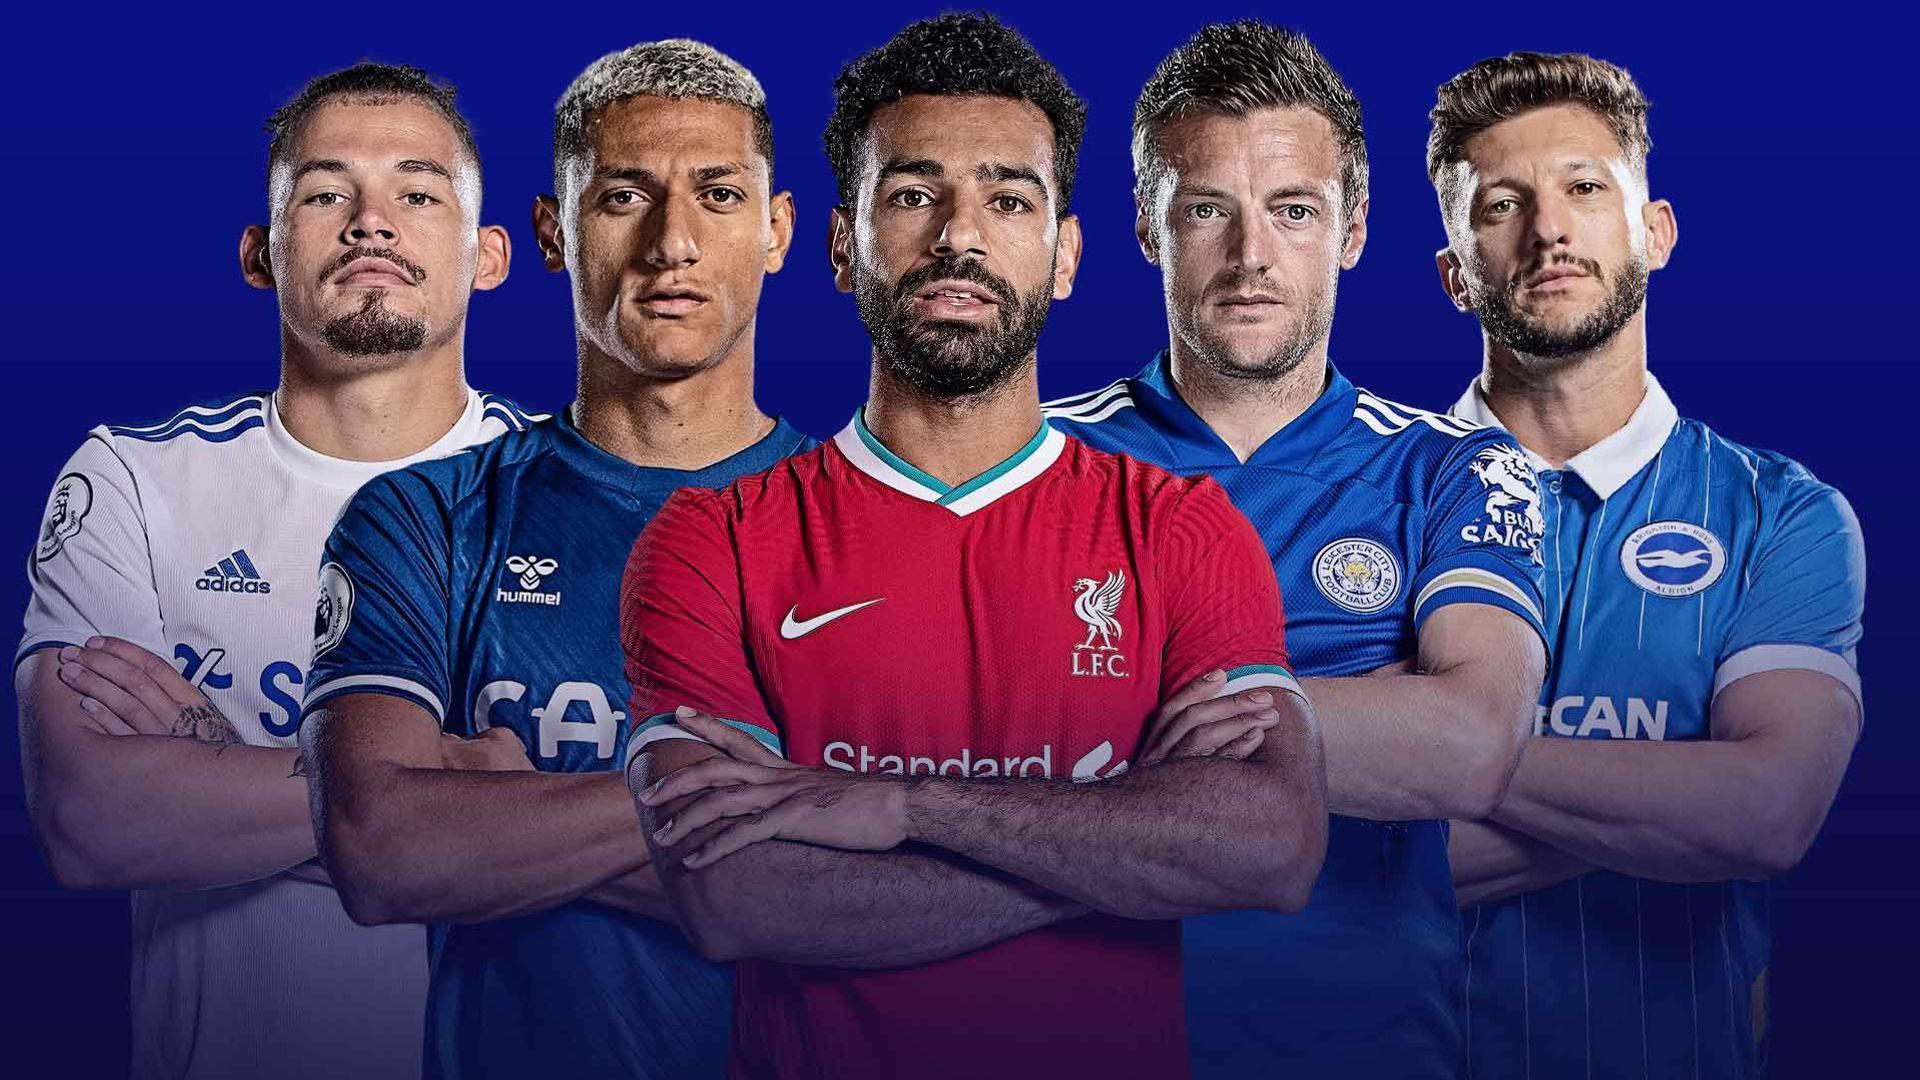 Arsenal vs Liverpool and Tottenham vs Man Utd live on Sky Sports this April